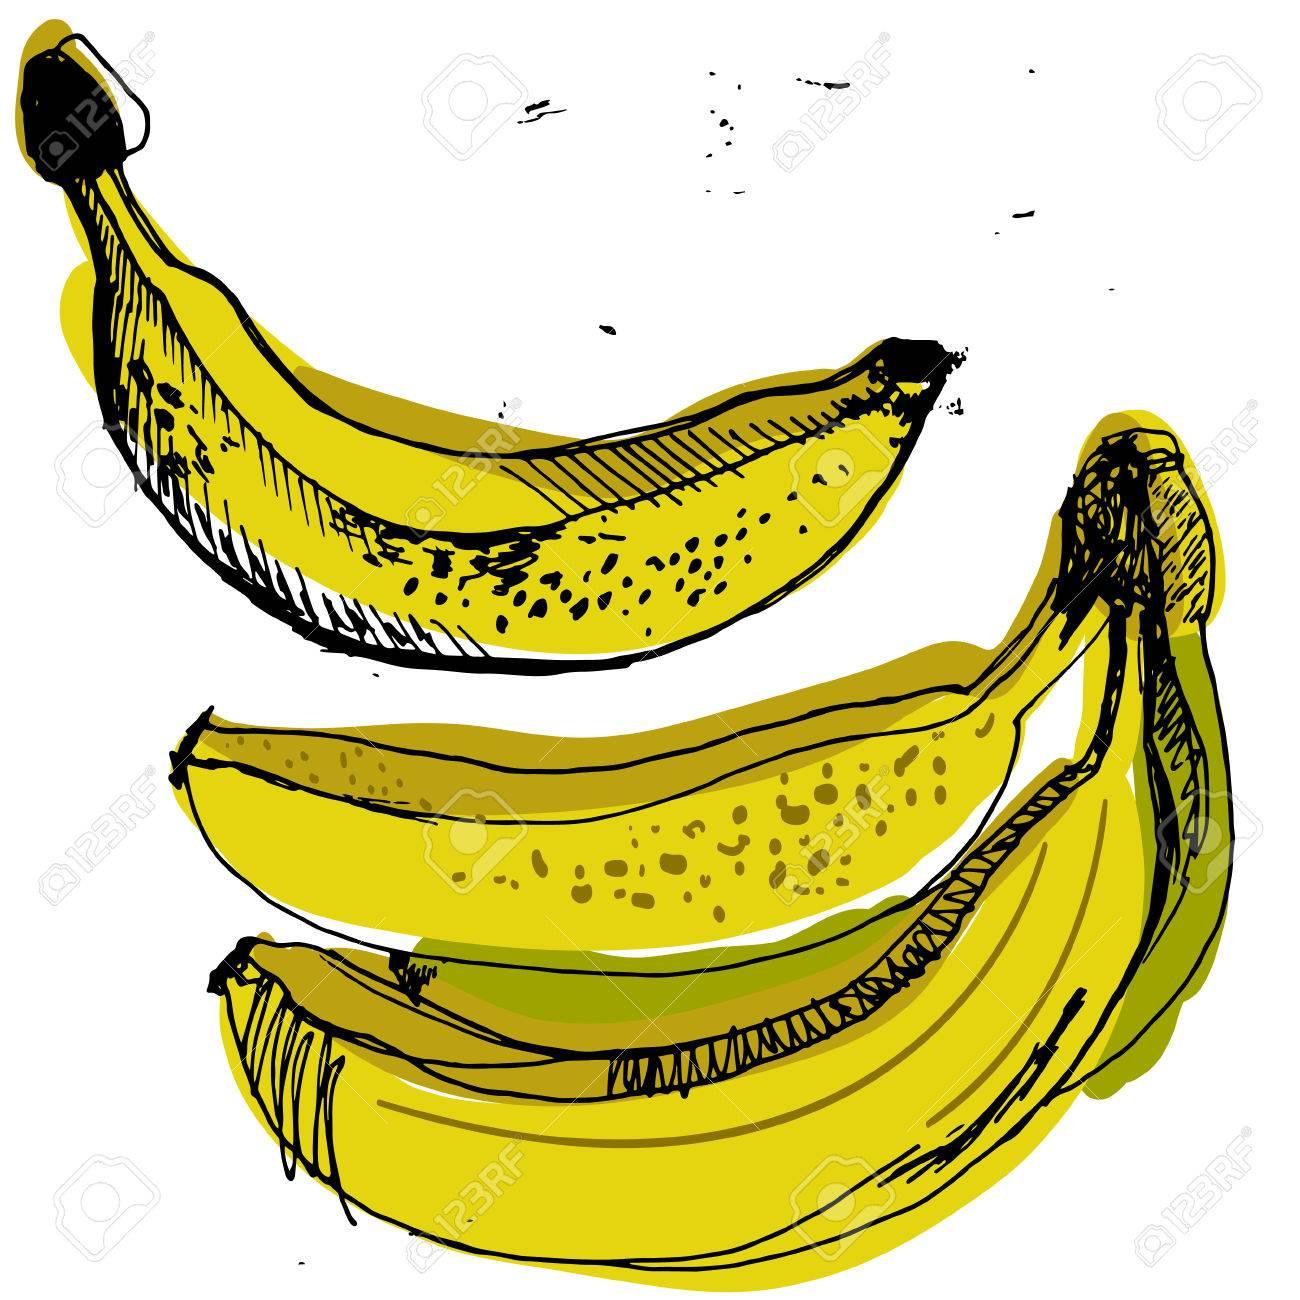 Sweet Yellow Bananas Sketched Banana Hand Drawn Set Of Ripe